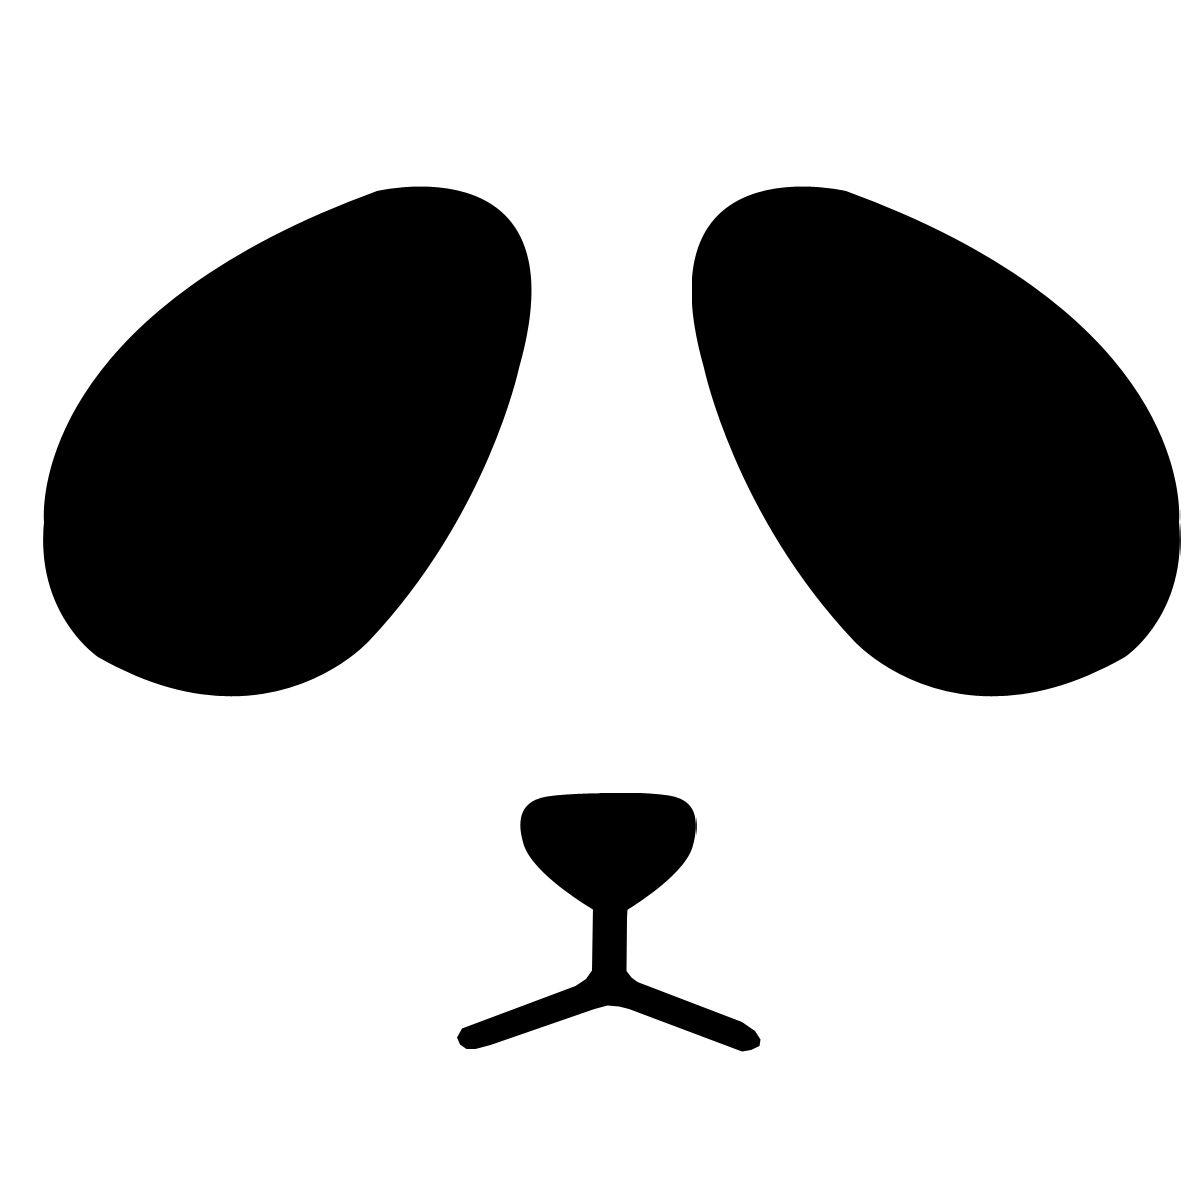 卡通动漫熊猫头像只要眼睛的